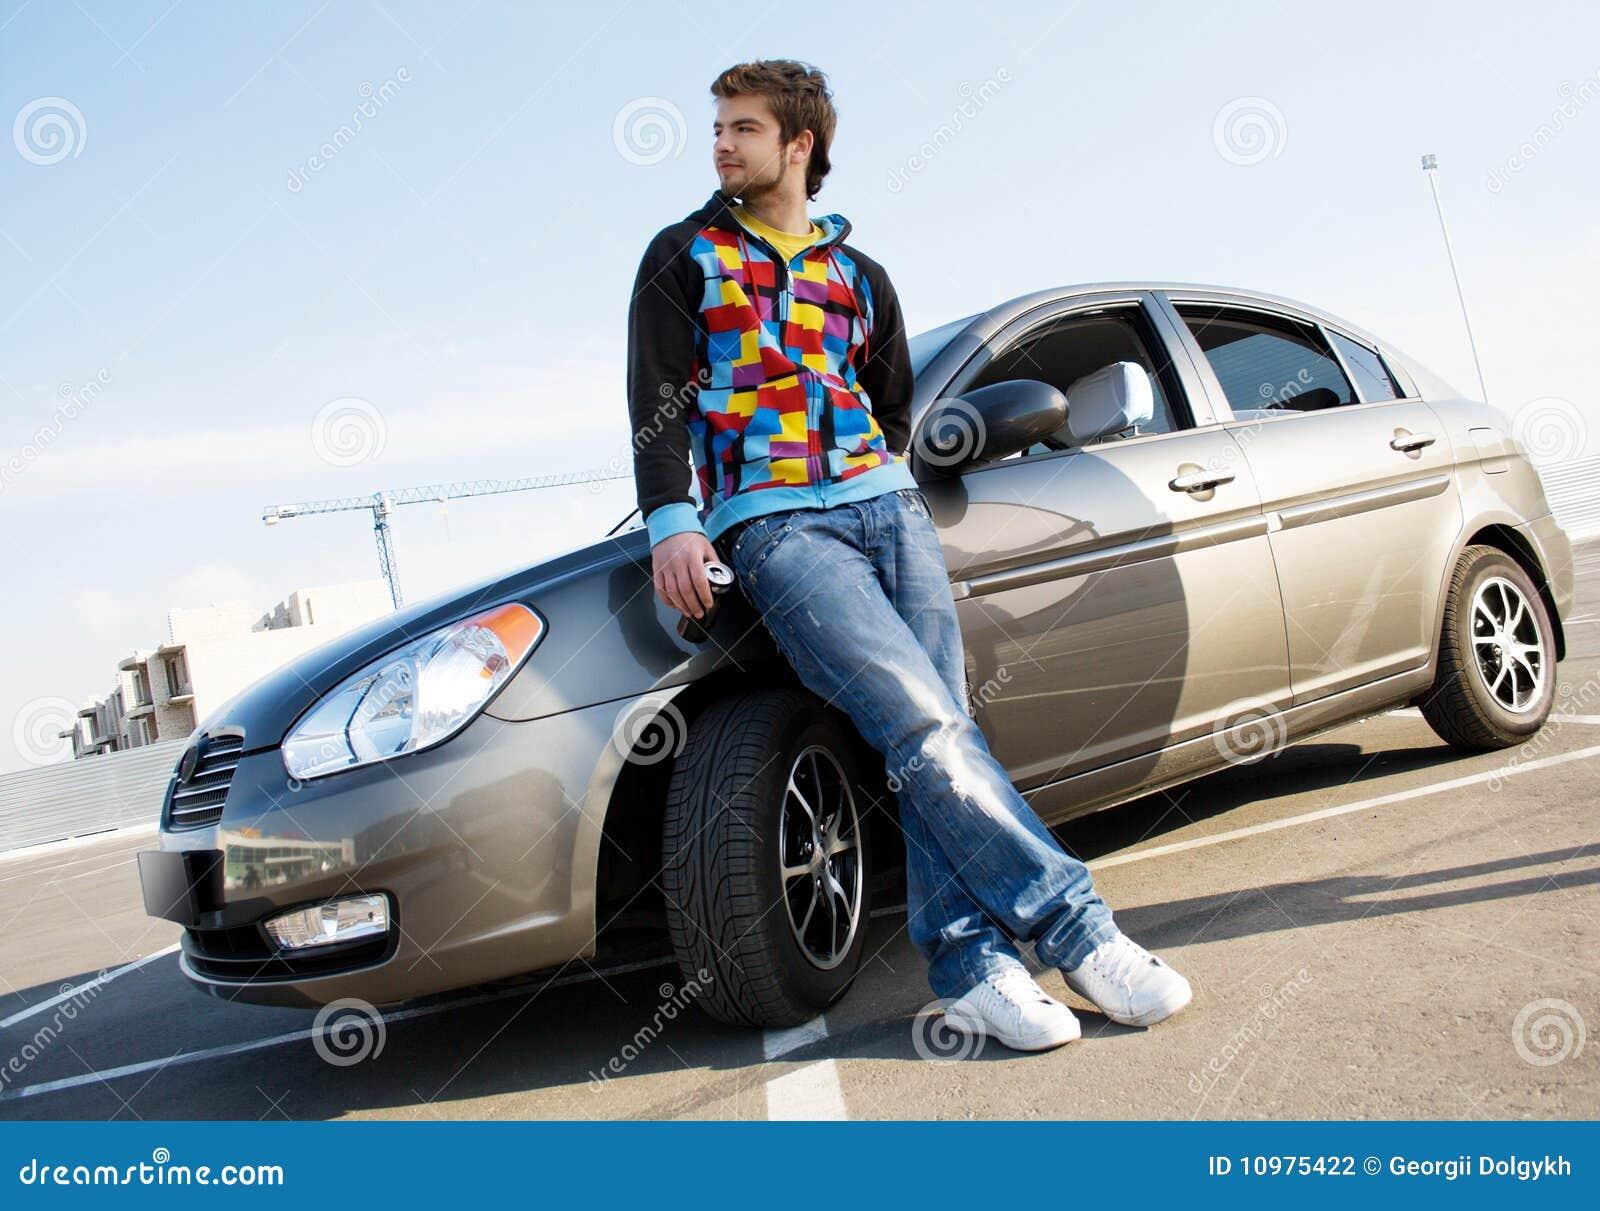 Идеи для фото мужчины с машиной